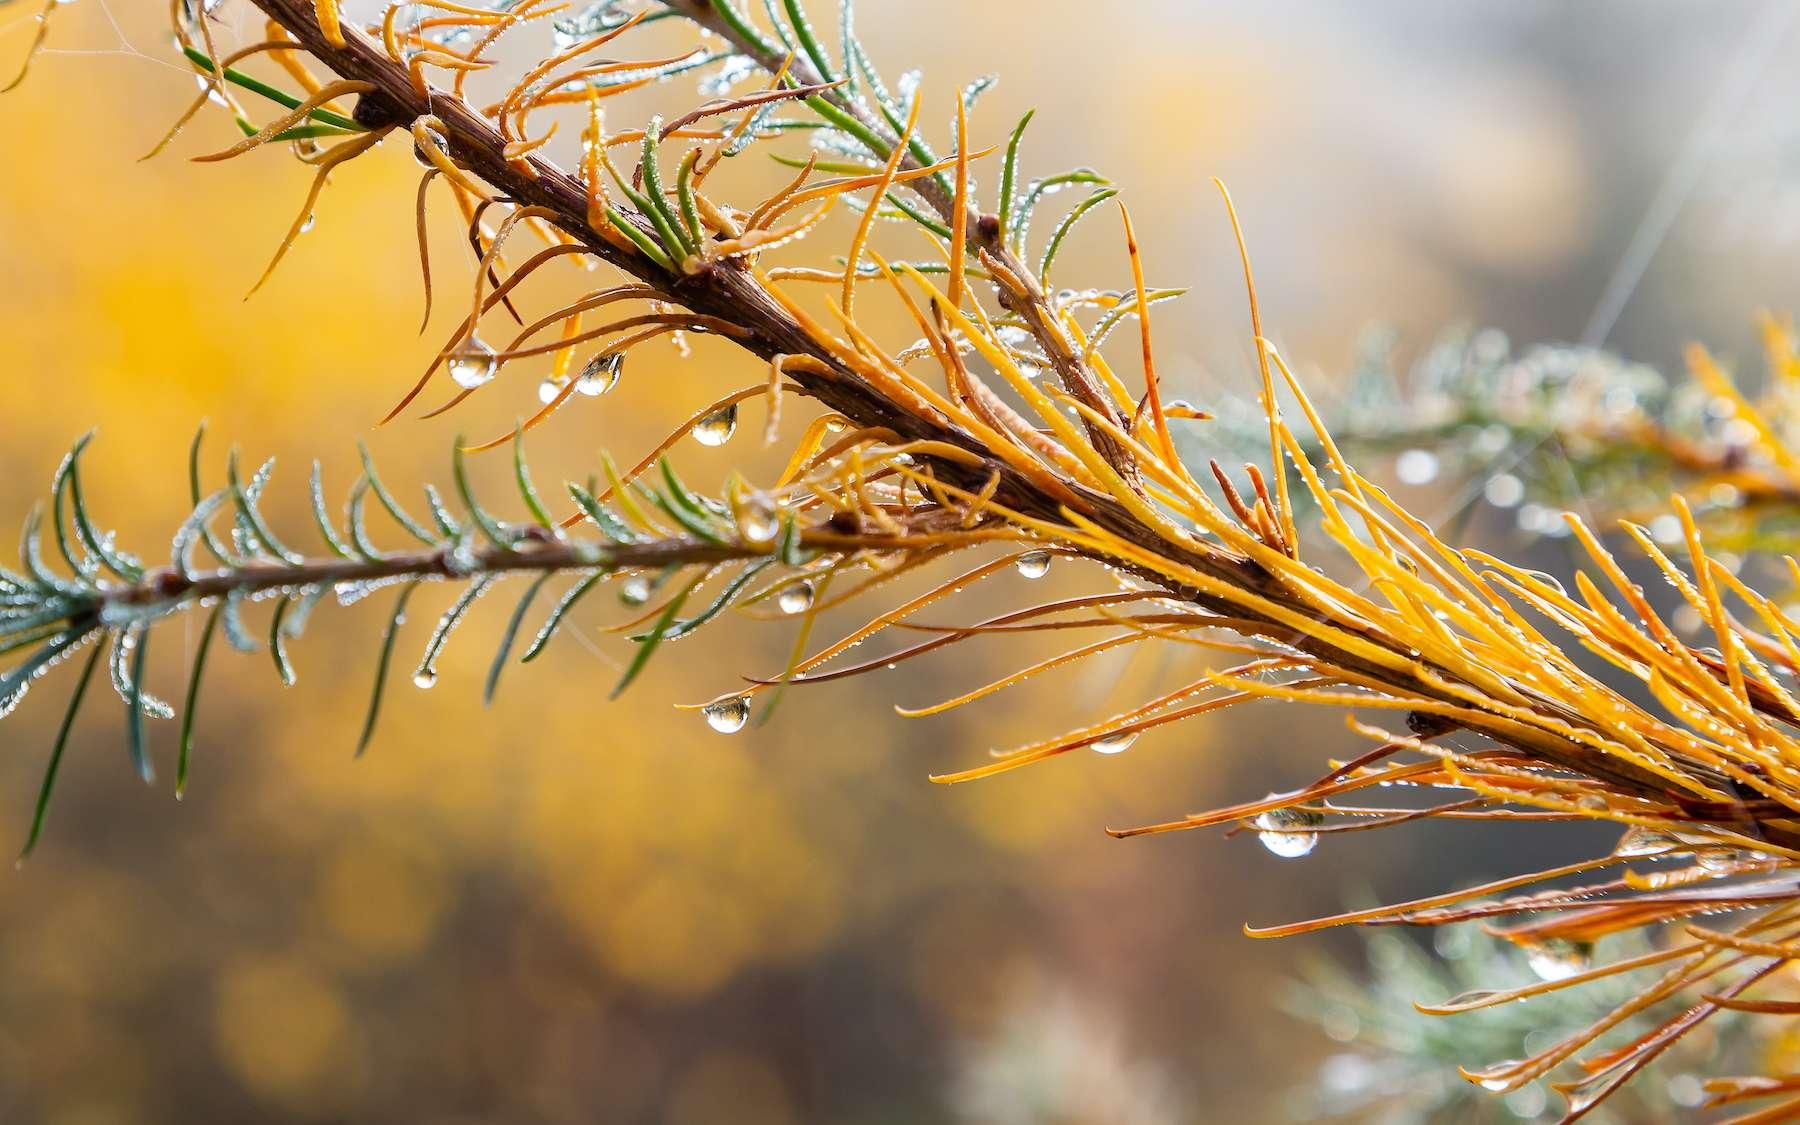 Le mélèze perd ses aiguilles en automne. © Branko Srot, Adobe Stock